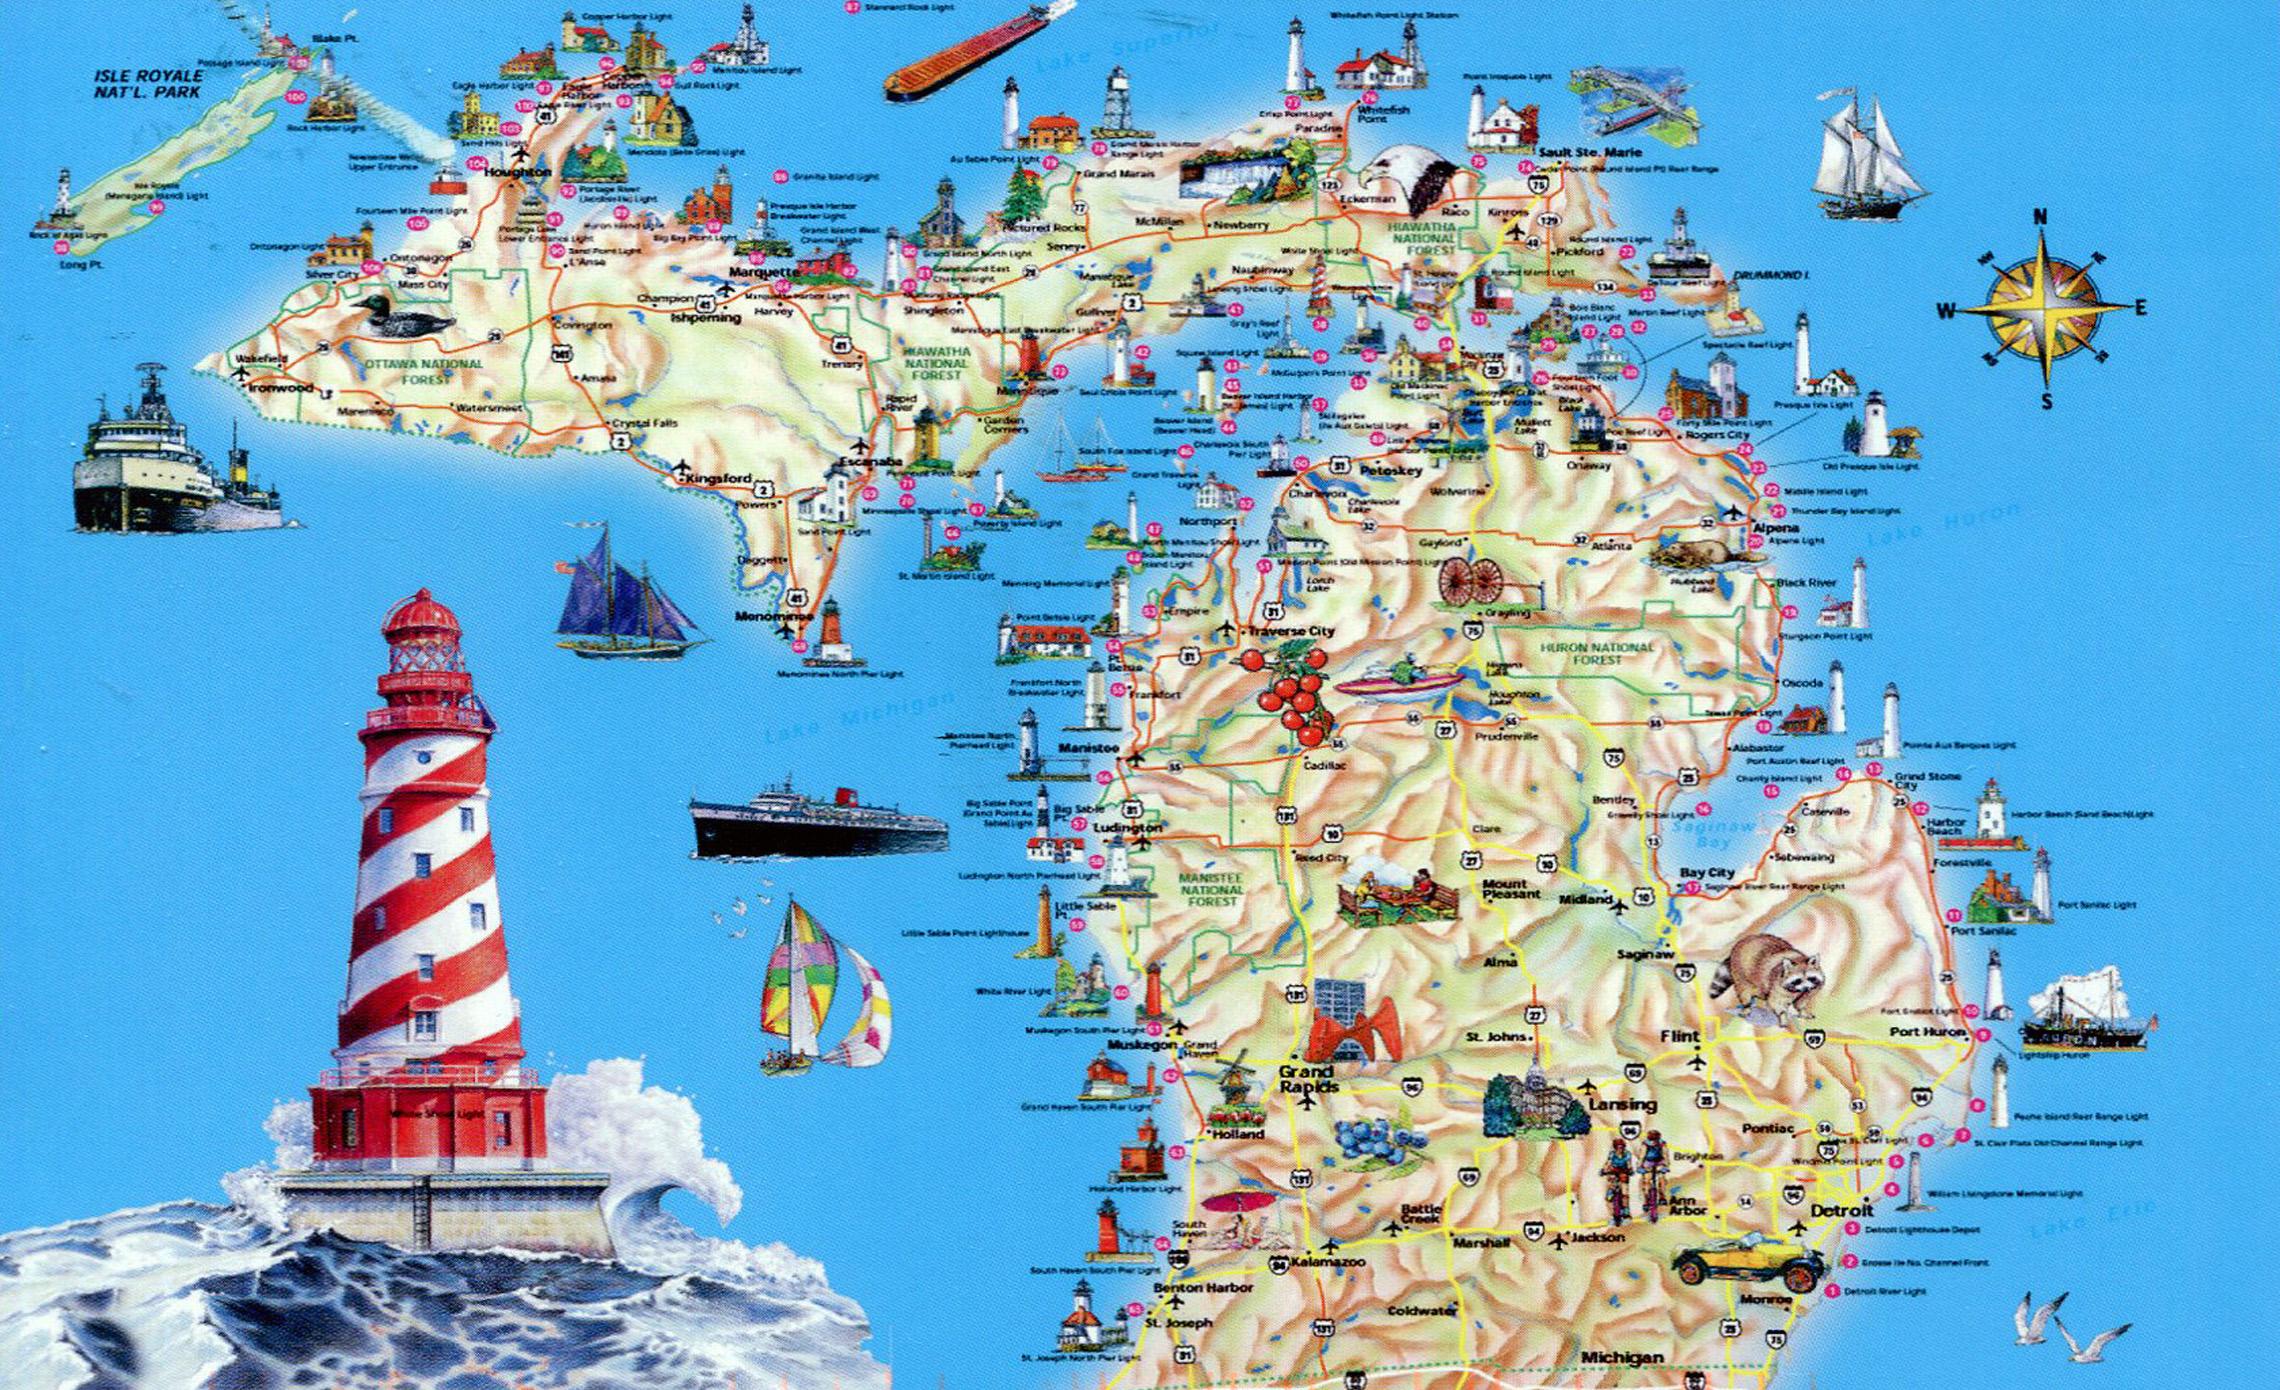 Large tourist map of Michigan state | Michigan state | USA | Maps of ...